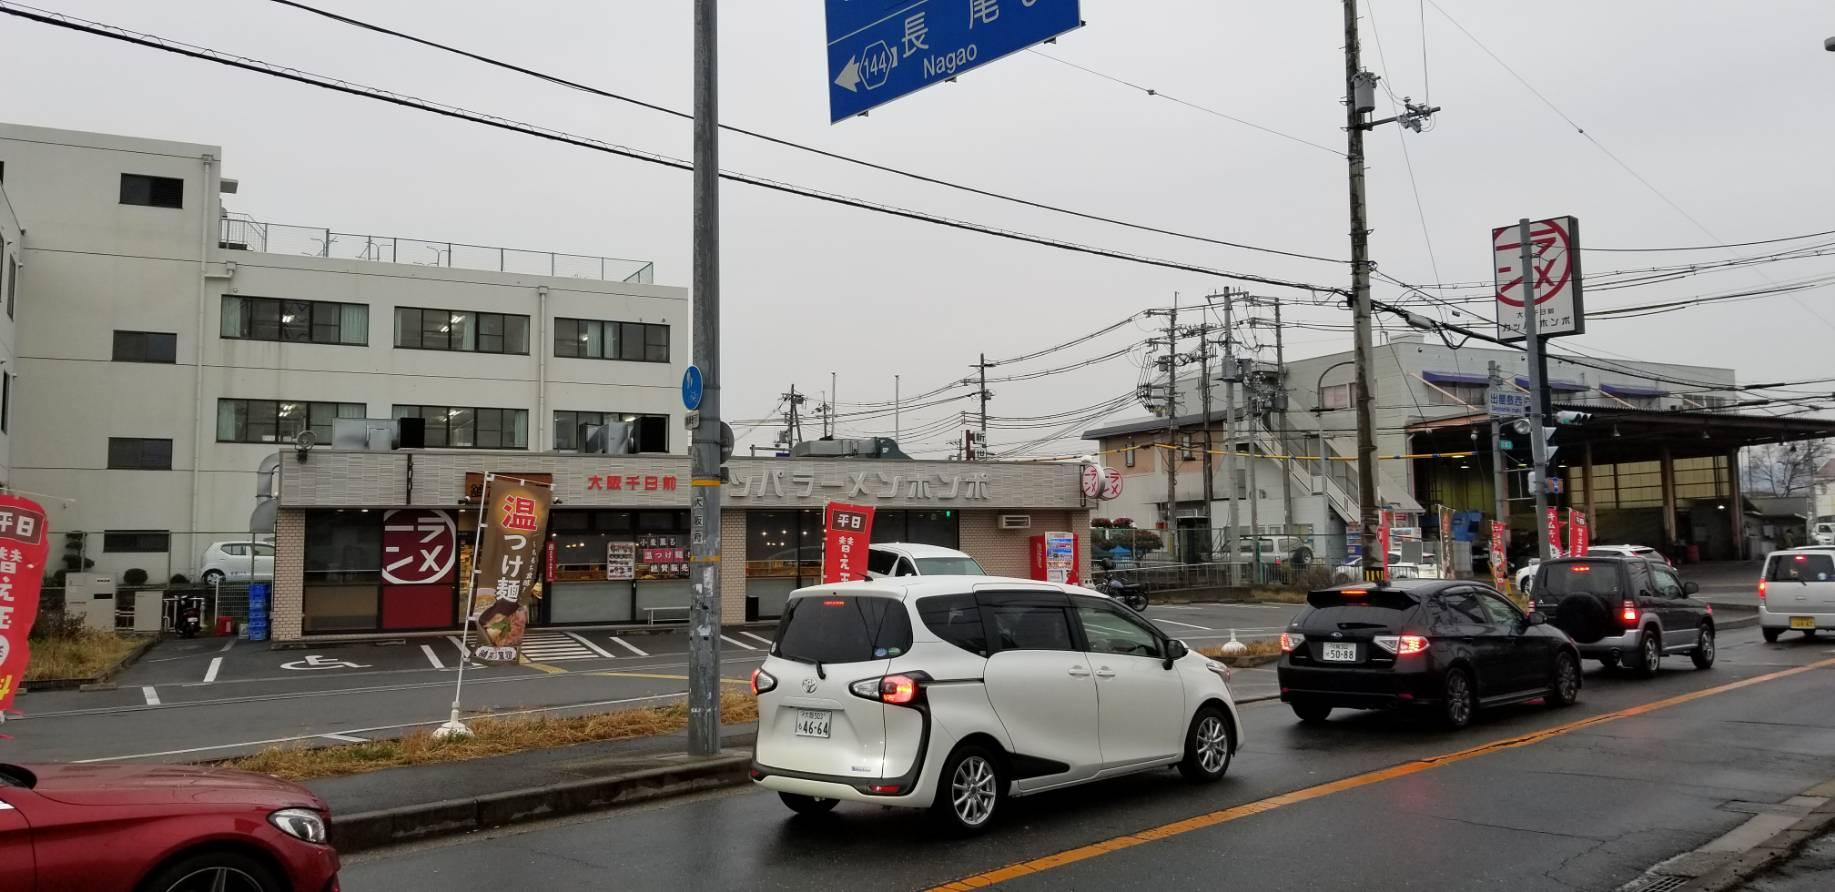 河童ラーメン本舗 枚方店(枚方/ラーメン)